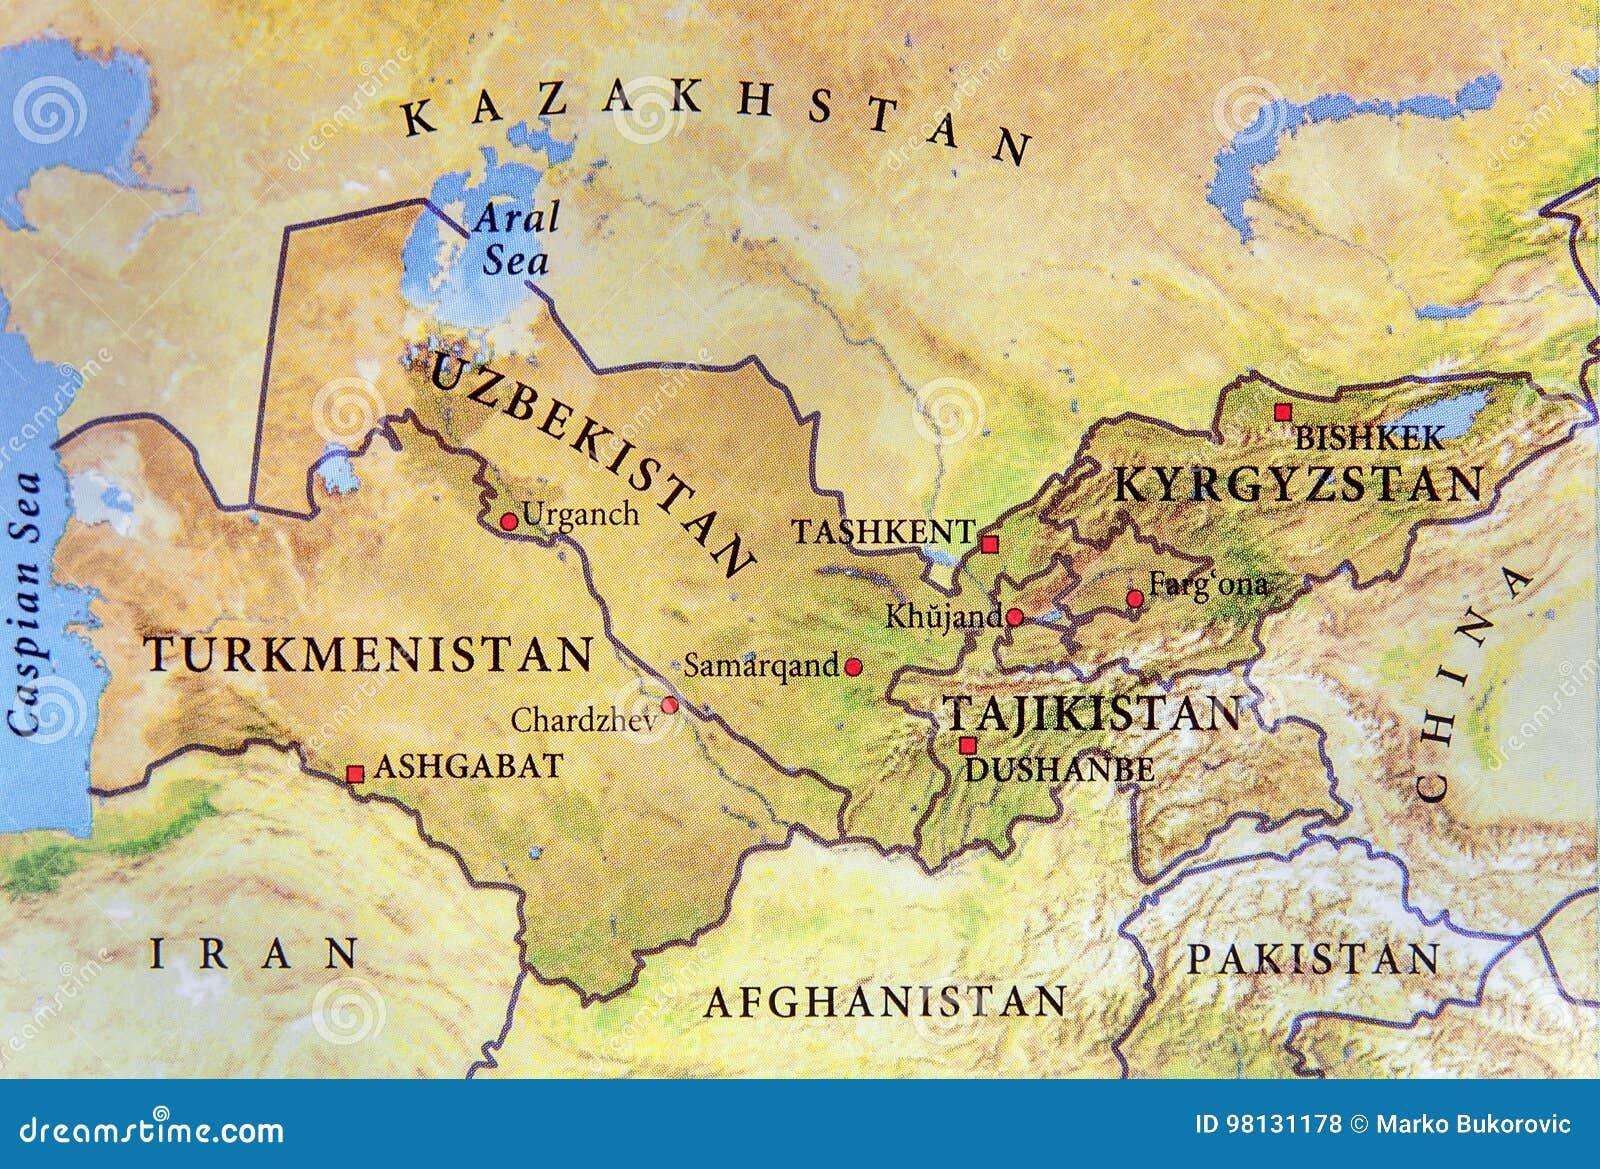 Usbekistan Karte.Geographische Karte Von Turkmenistan Von Tadschikistan Von